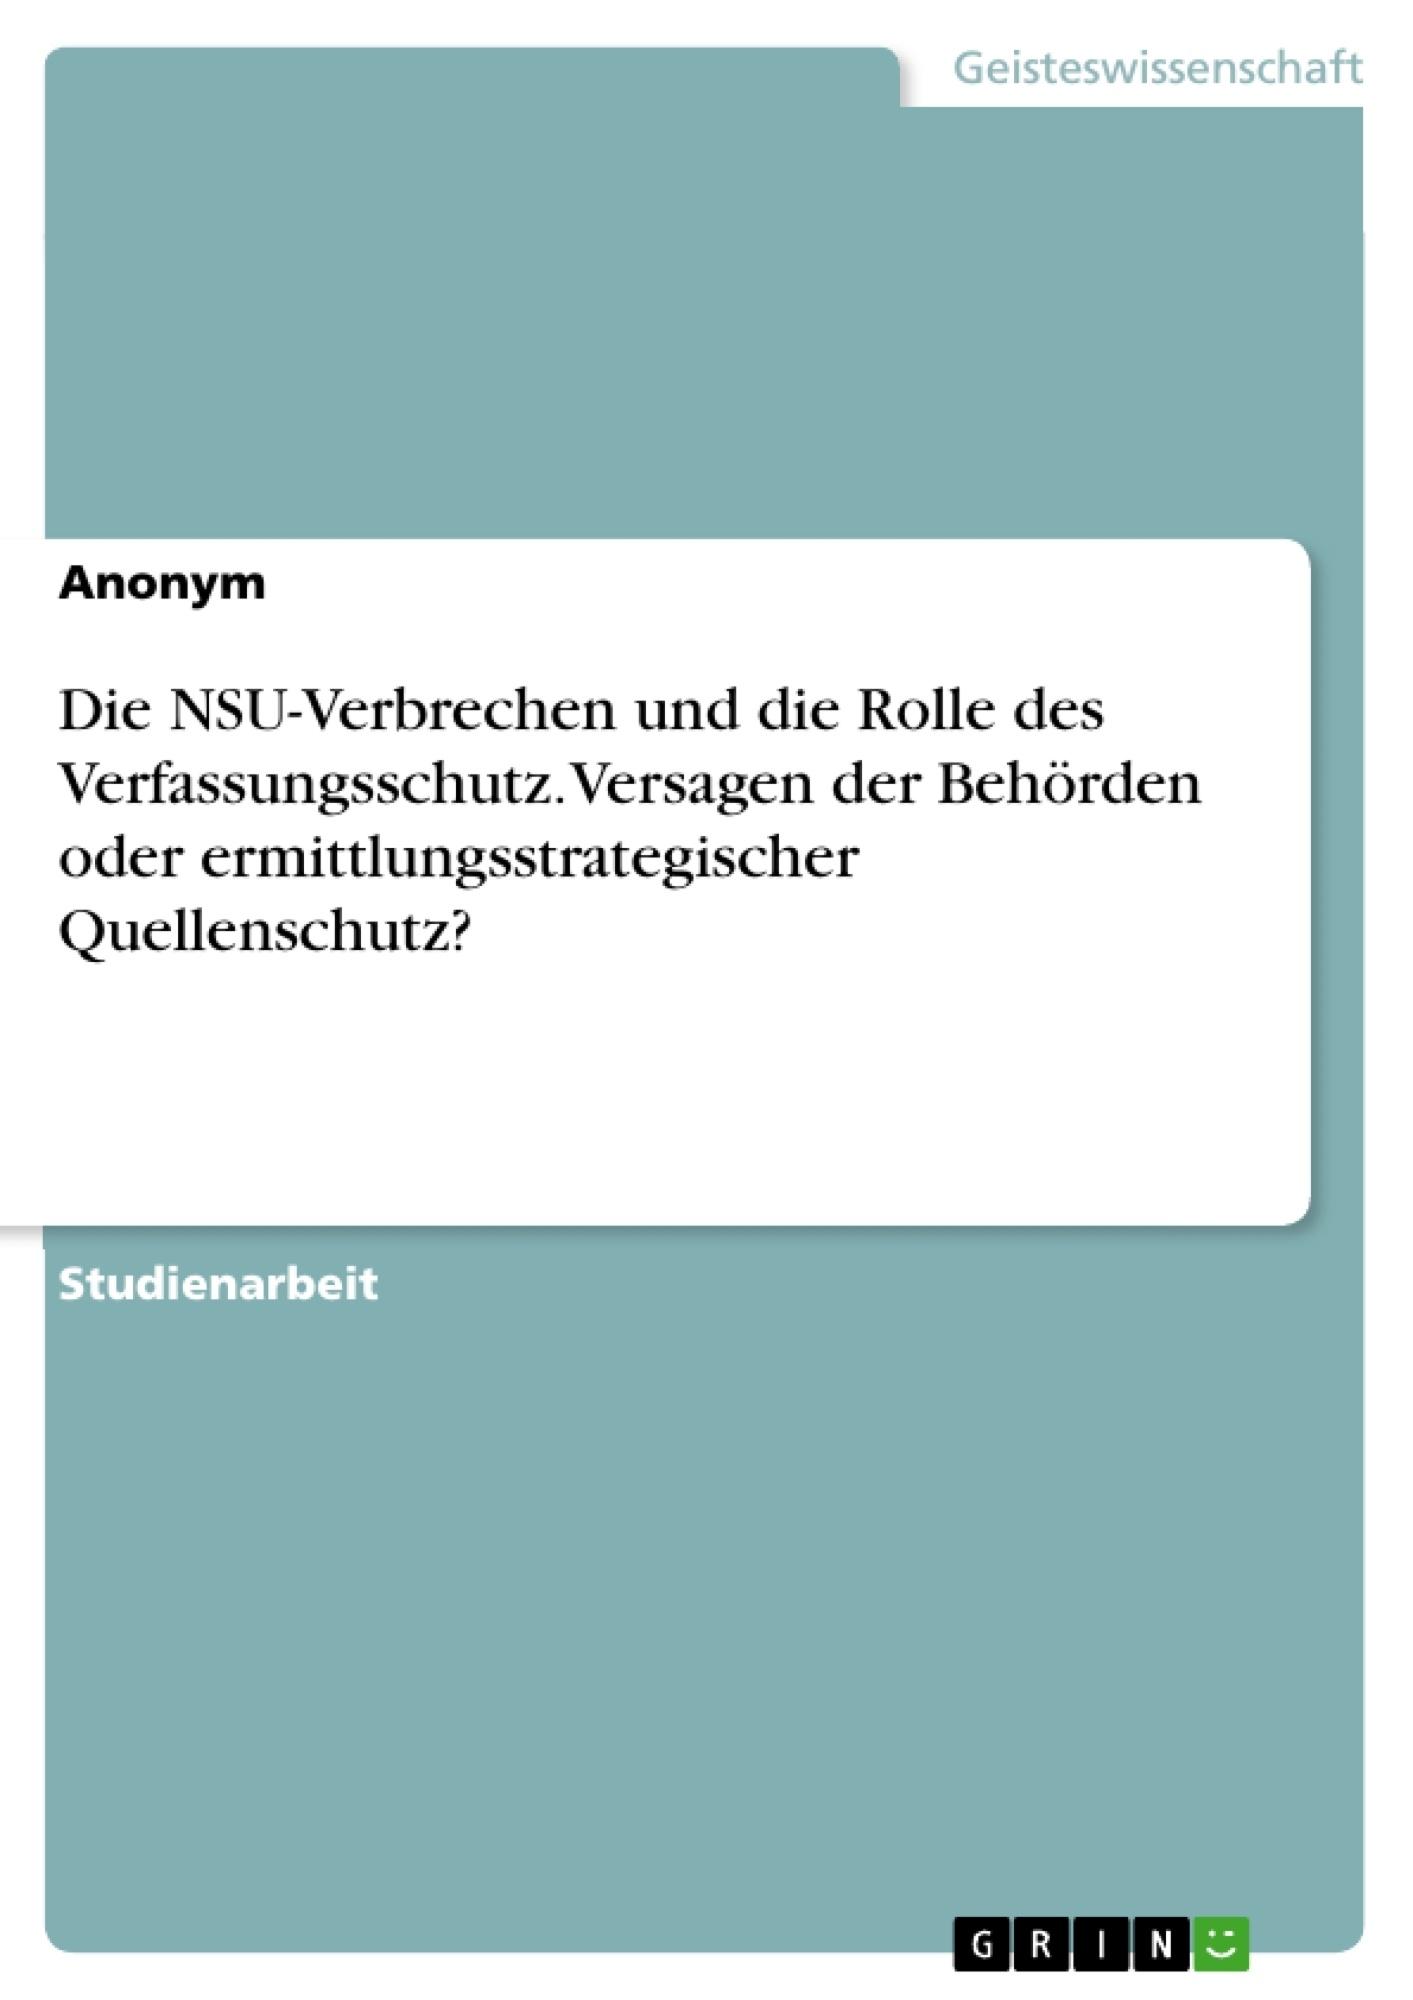 Titel: Die NSU-Verbrechen und die Rolle des Verfassungsschutz. Versagen der Behörden oder ermittlungsstrategischer Quellenschutz?